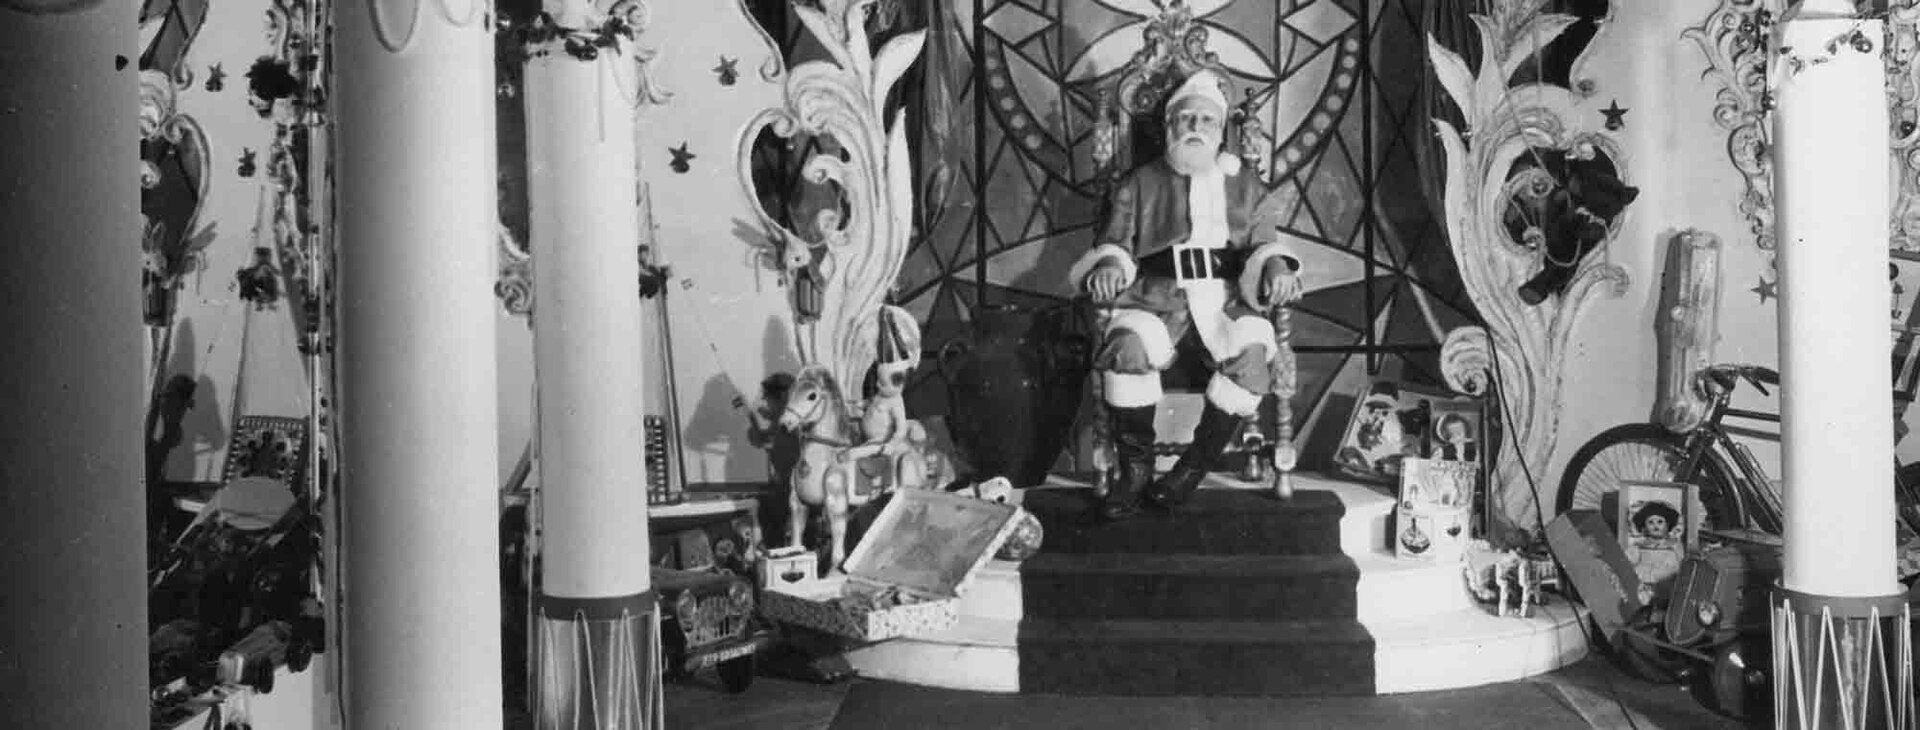 Un clásico de diciembre: los niños iban a ver a Papá Noel en Harrods (Archivo General de la Nación)